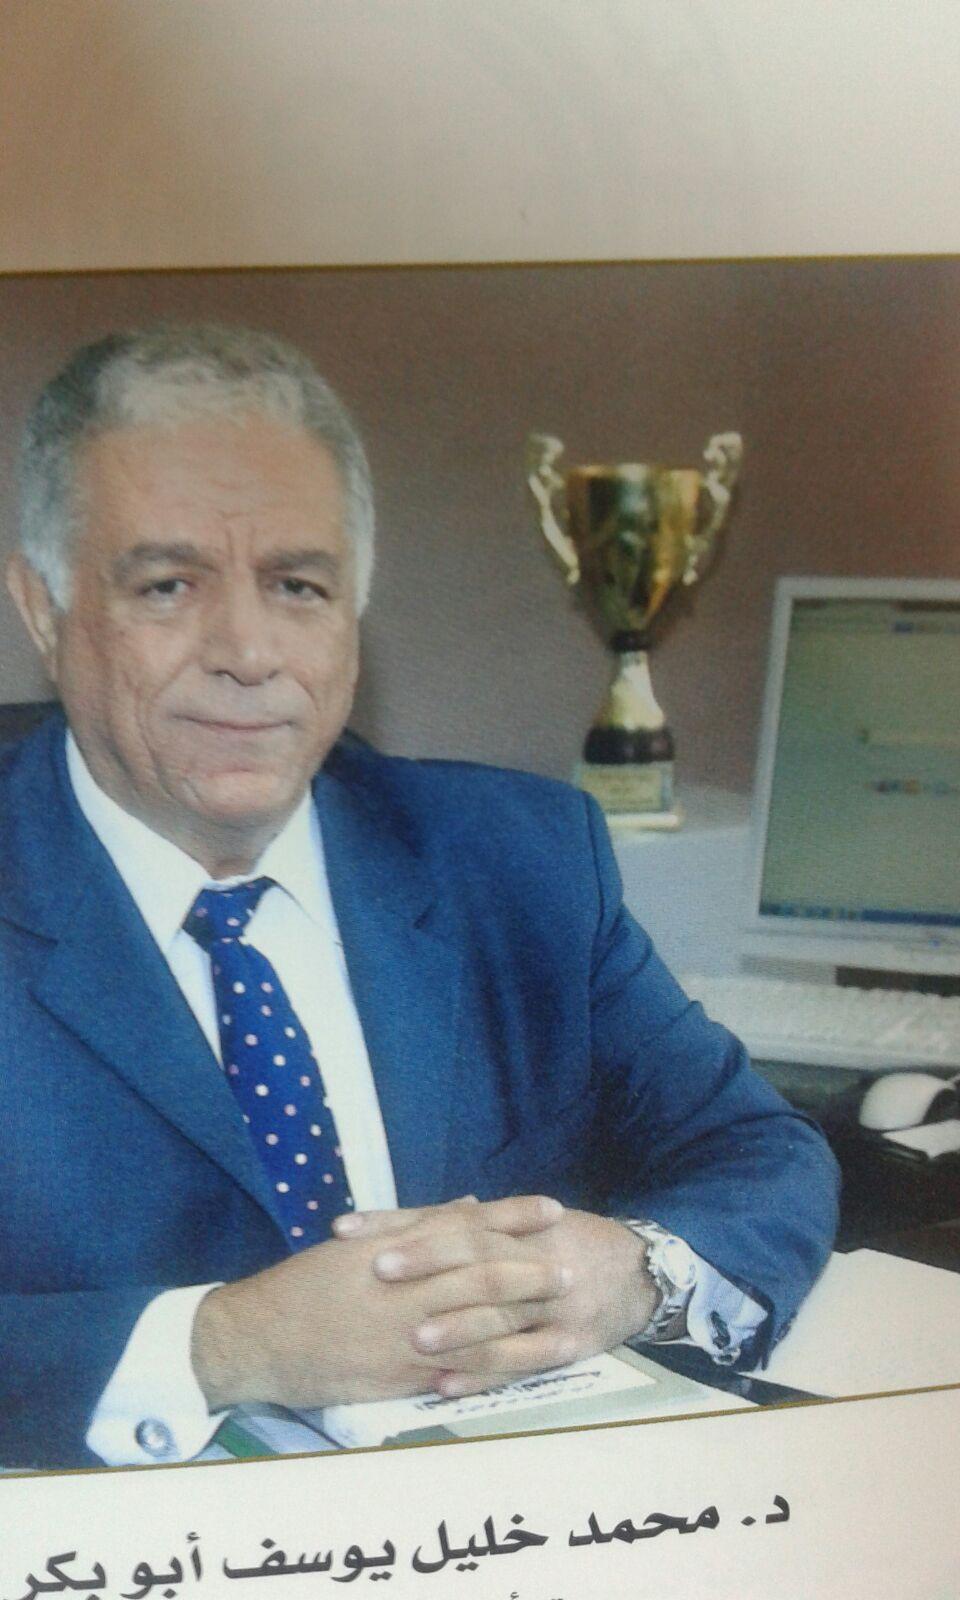 """عميد كلية الحقوق في الزيتونة """"محمد خليل ابو بكر"""" سنديانة العلم"""